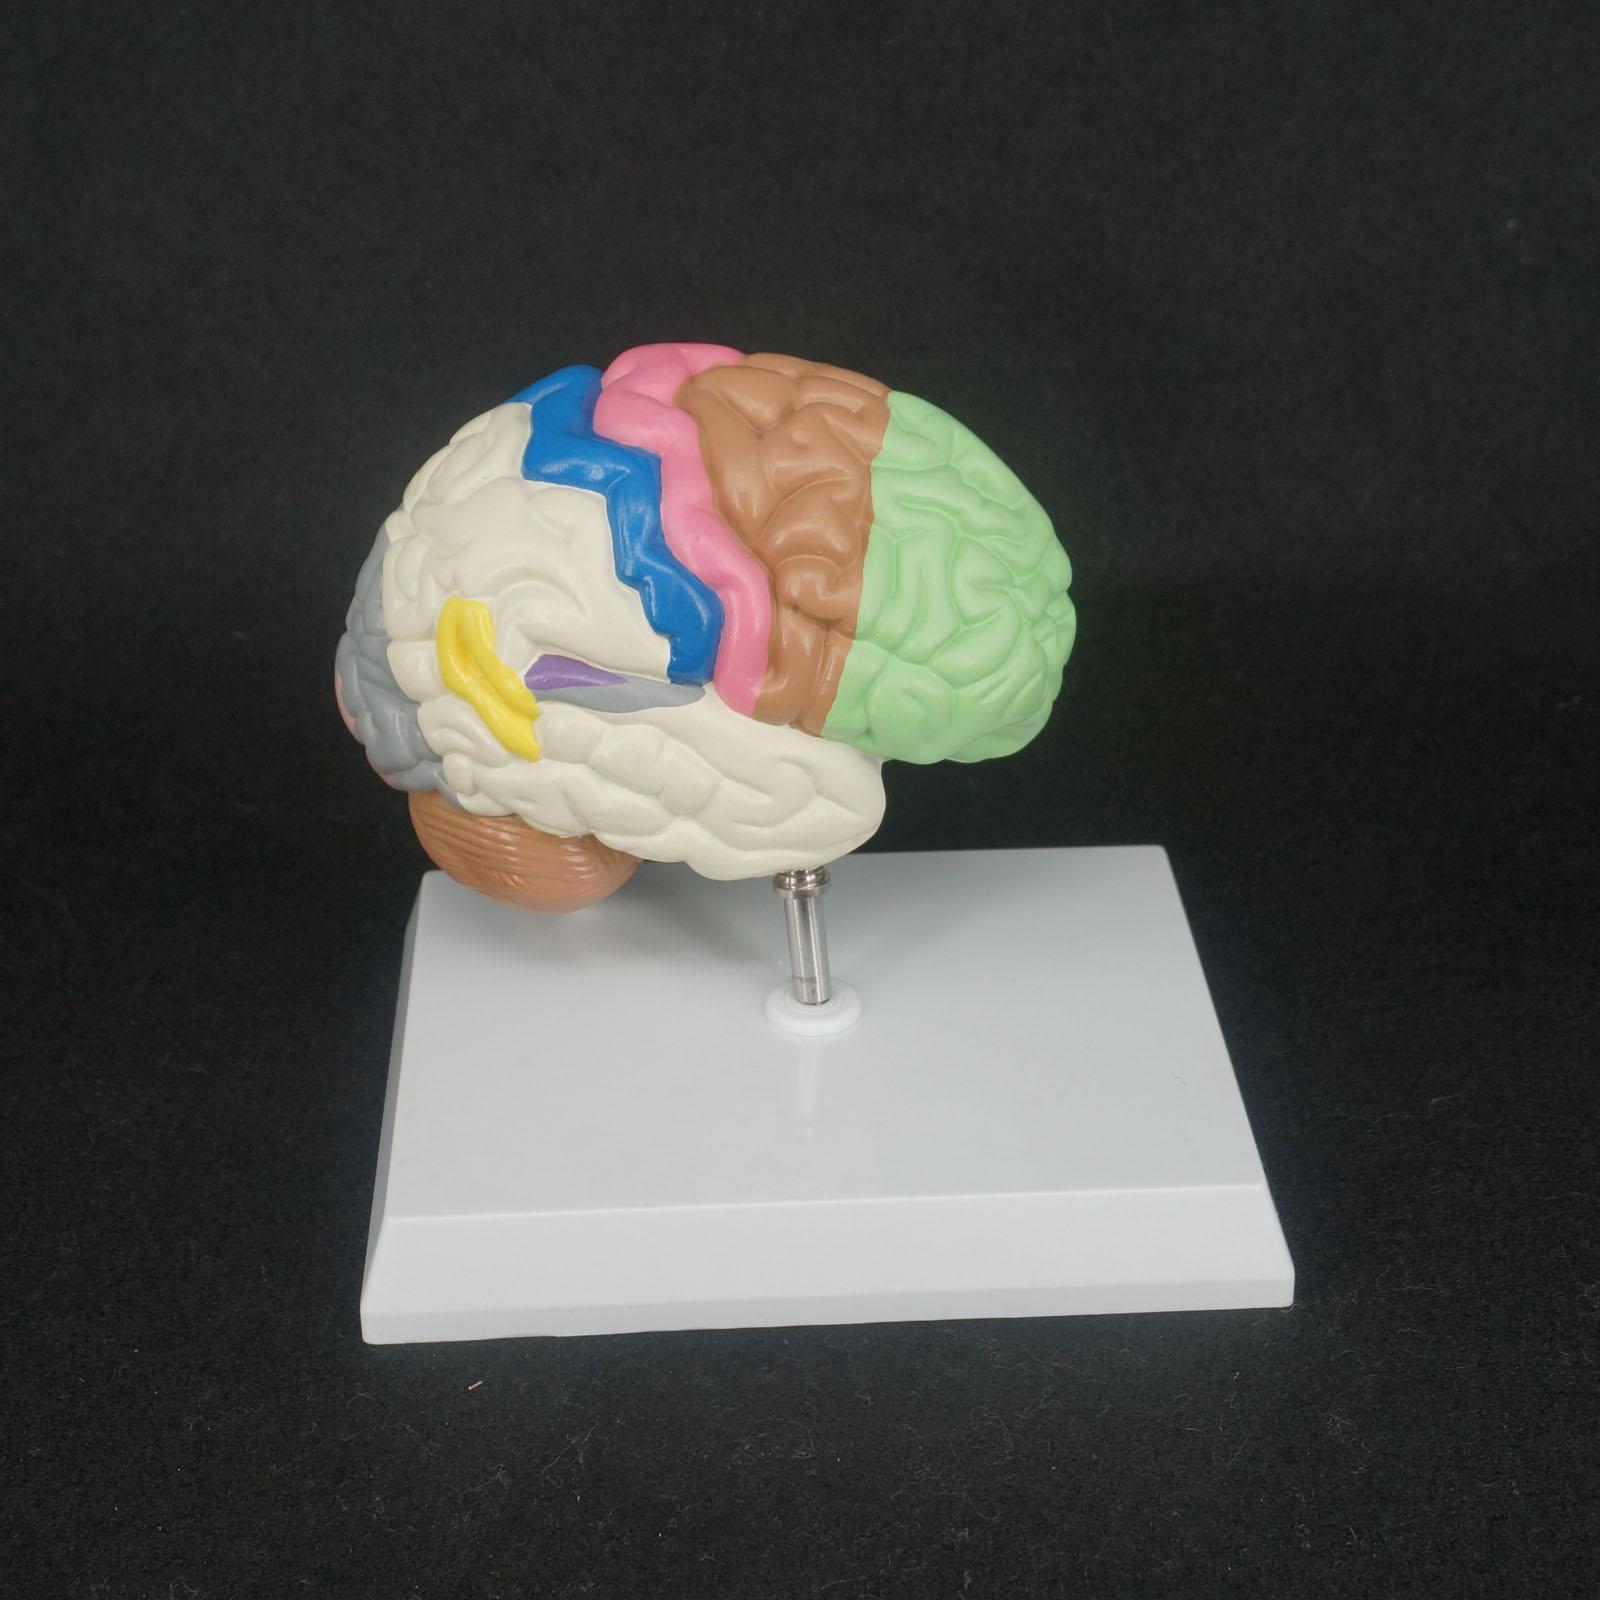 Perfecto Modelos De La Anatomía Del Cerebro Imágenes - Anatomía de ...